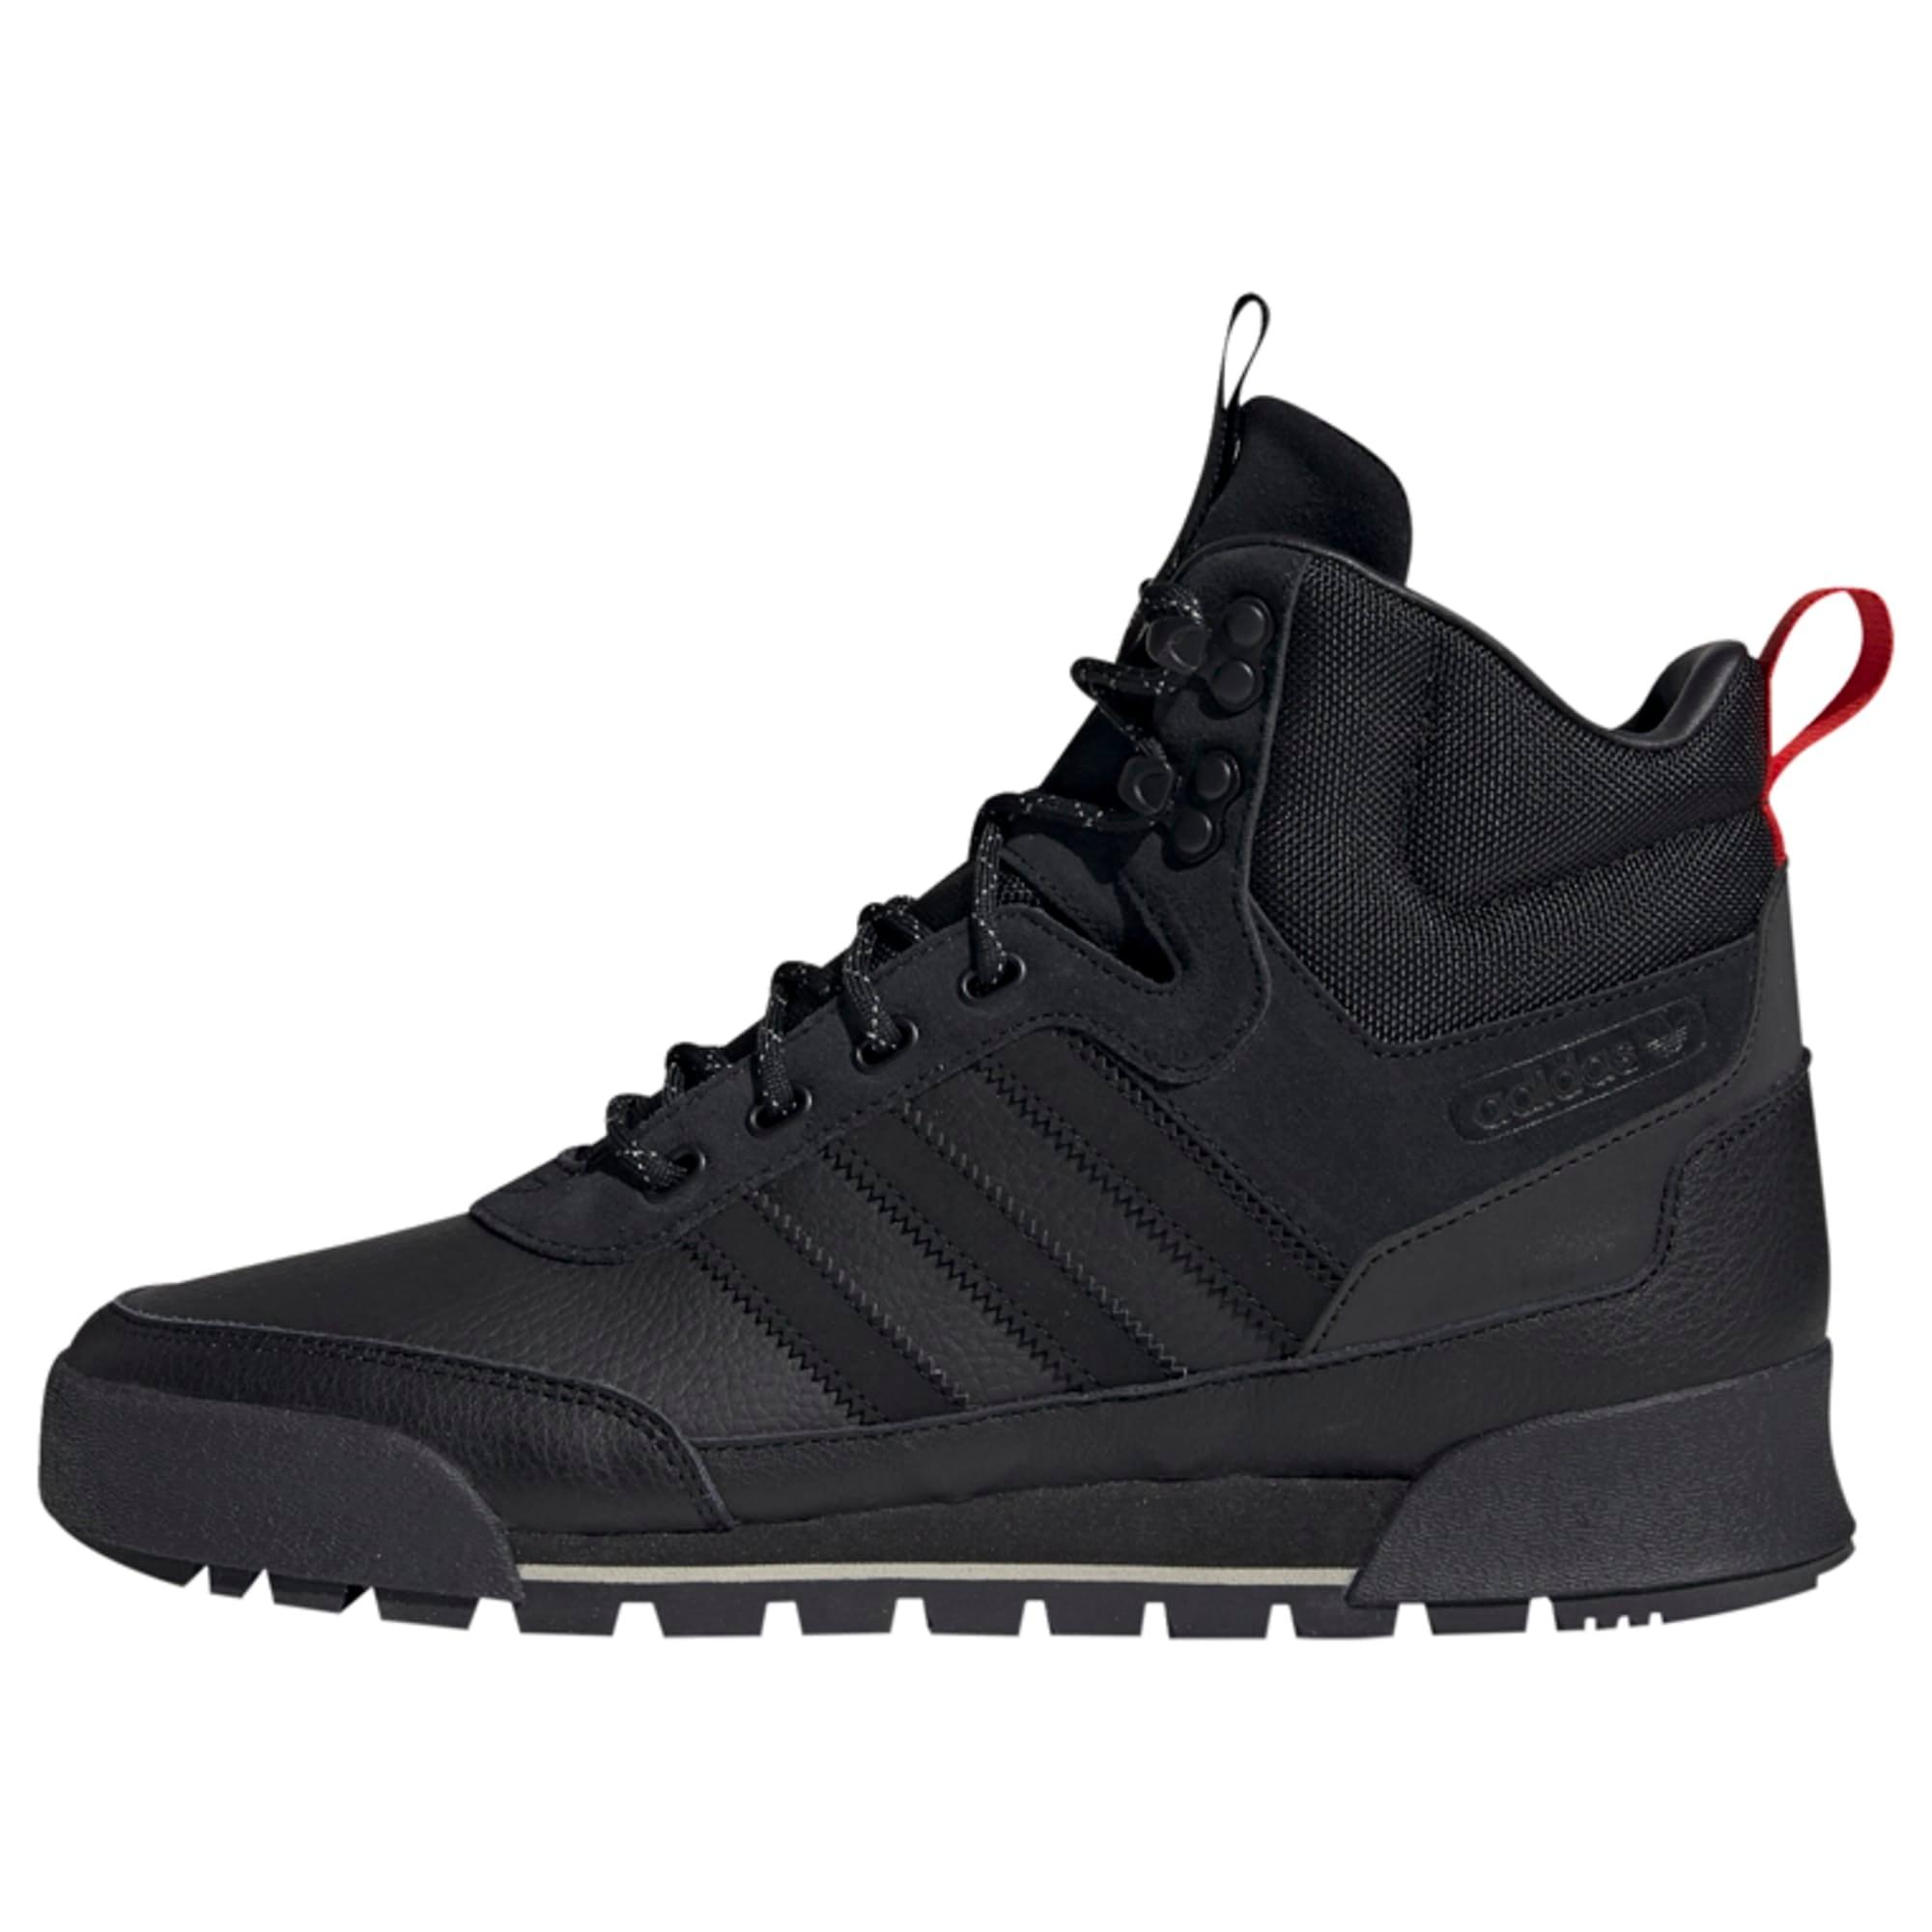 ADIDAS ORIGINALS Auliniai batai su raišteliais 'Baara' juoda